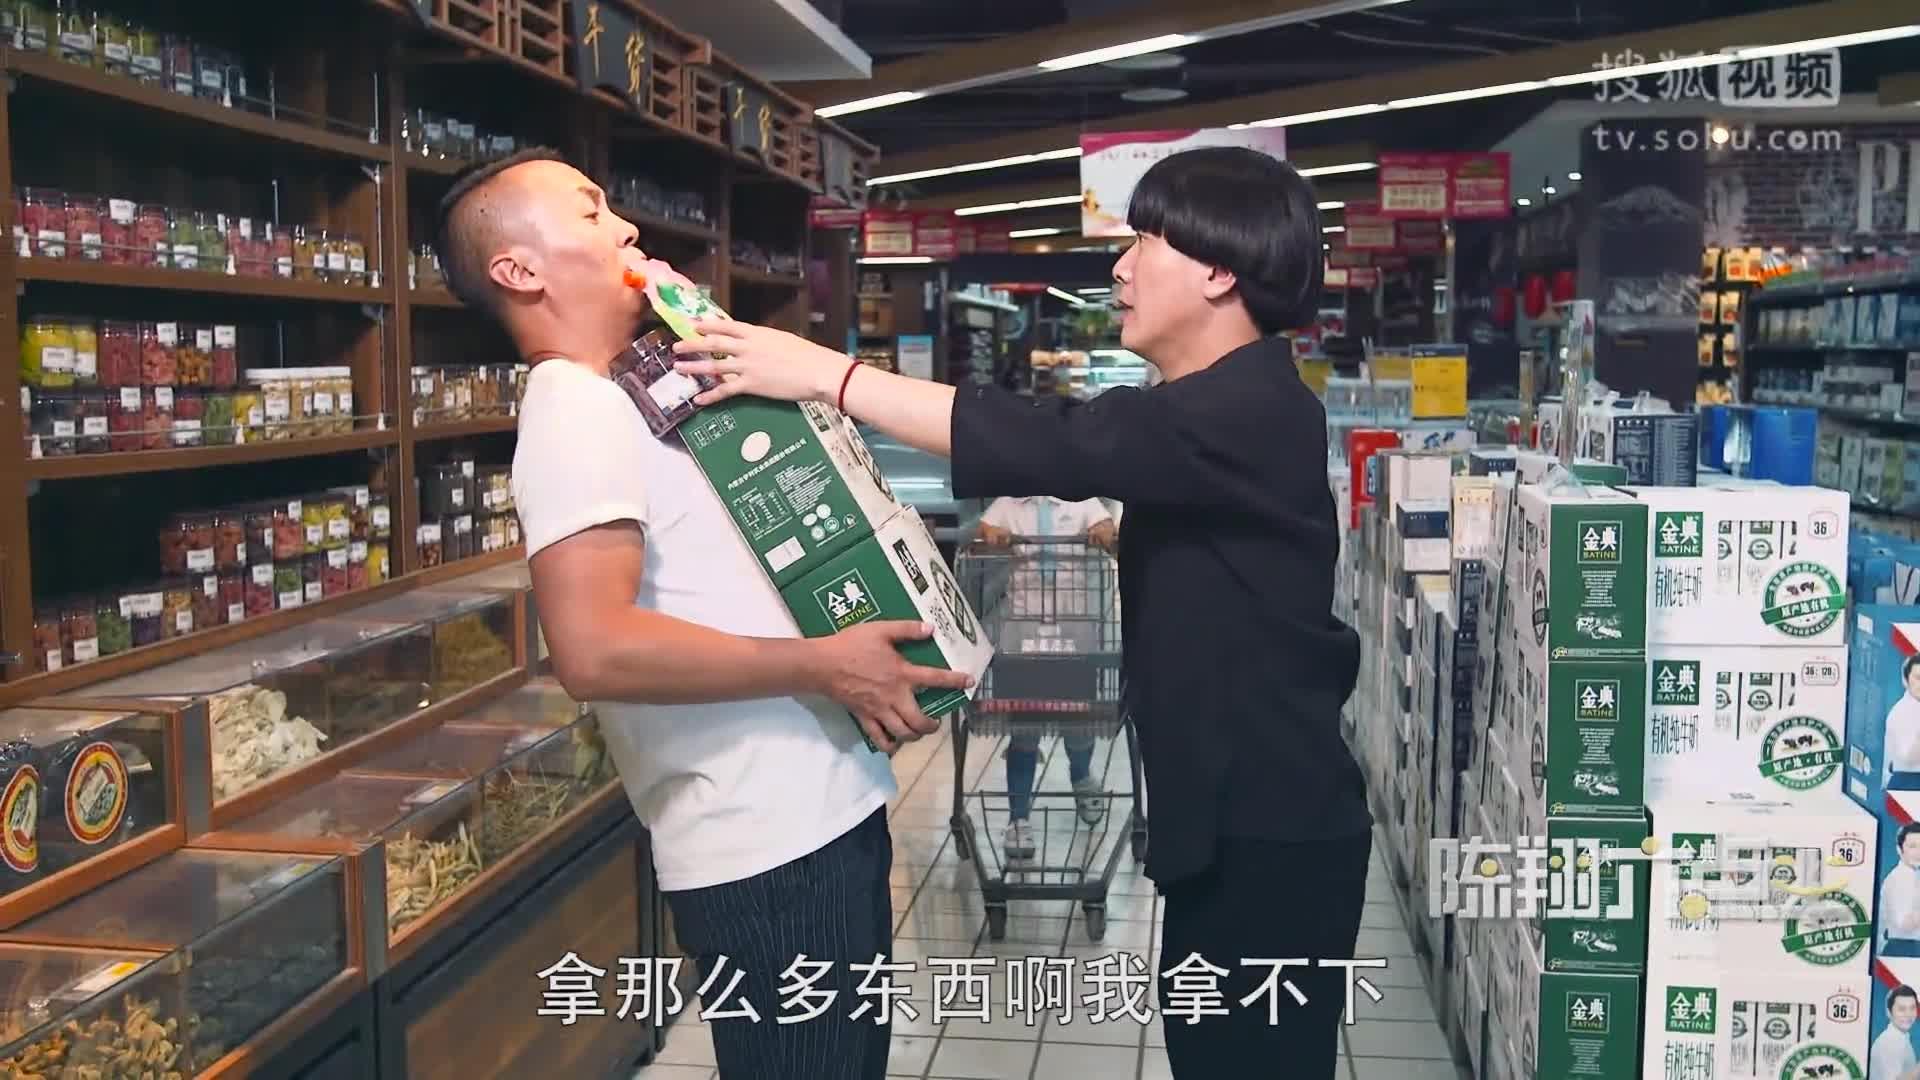 《陈翔六点半》第110集 老汉路遇争执化身正义演员